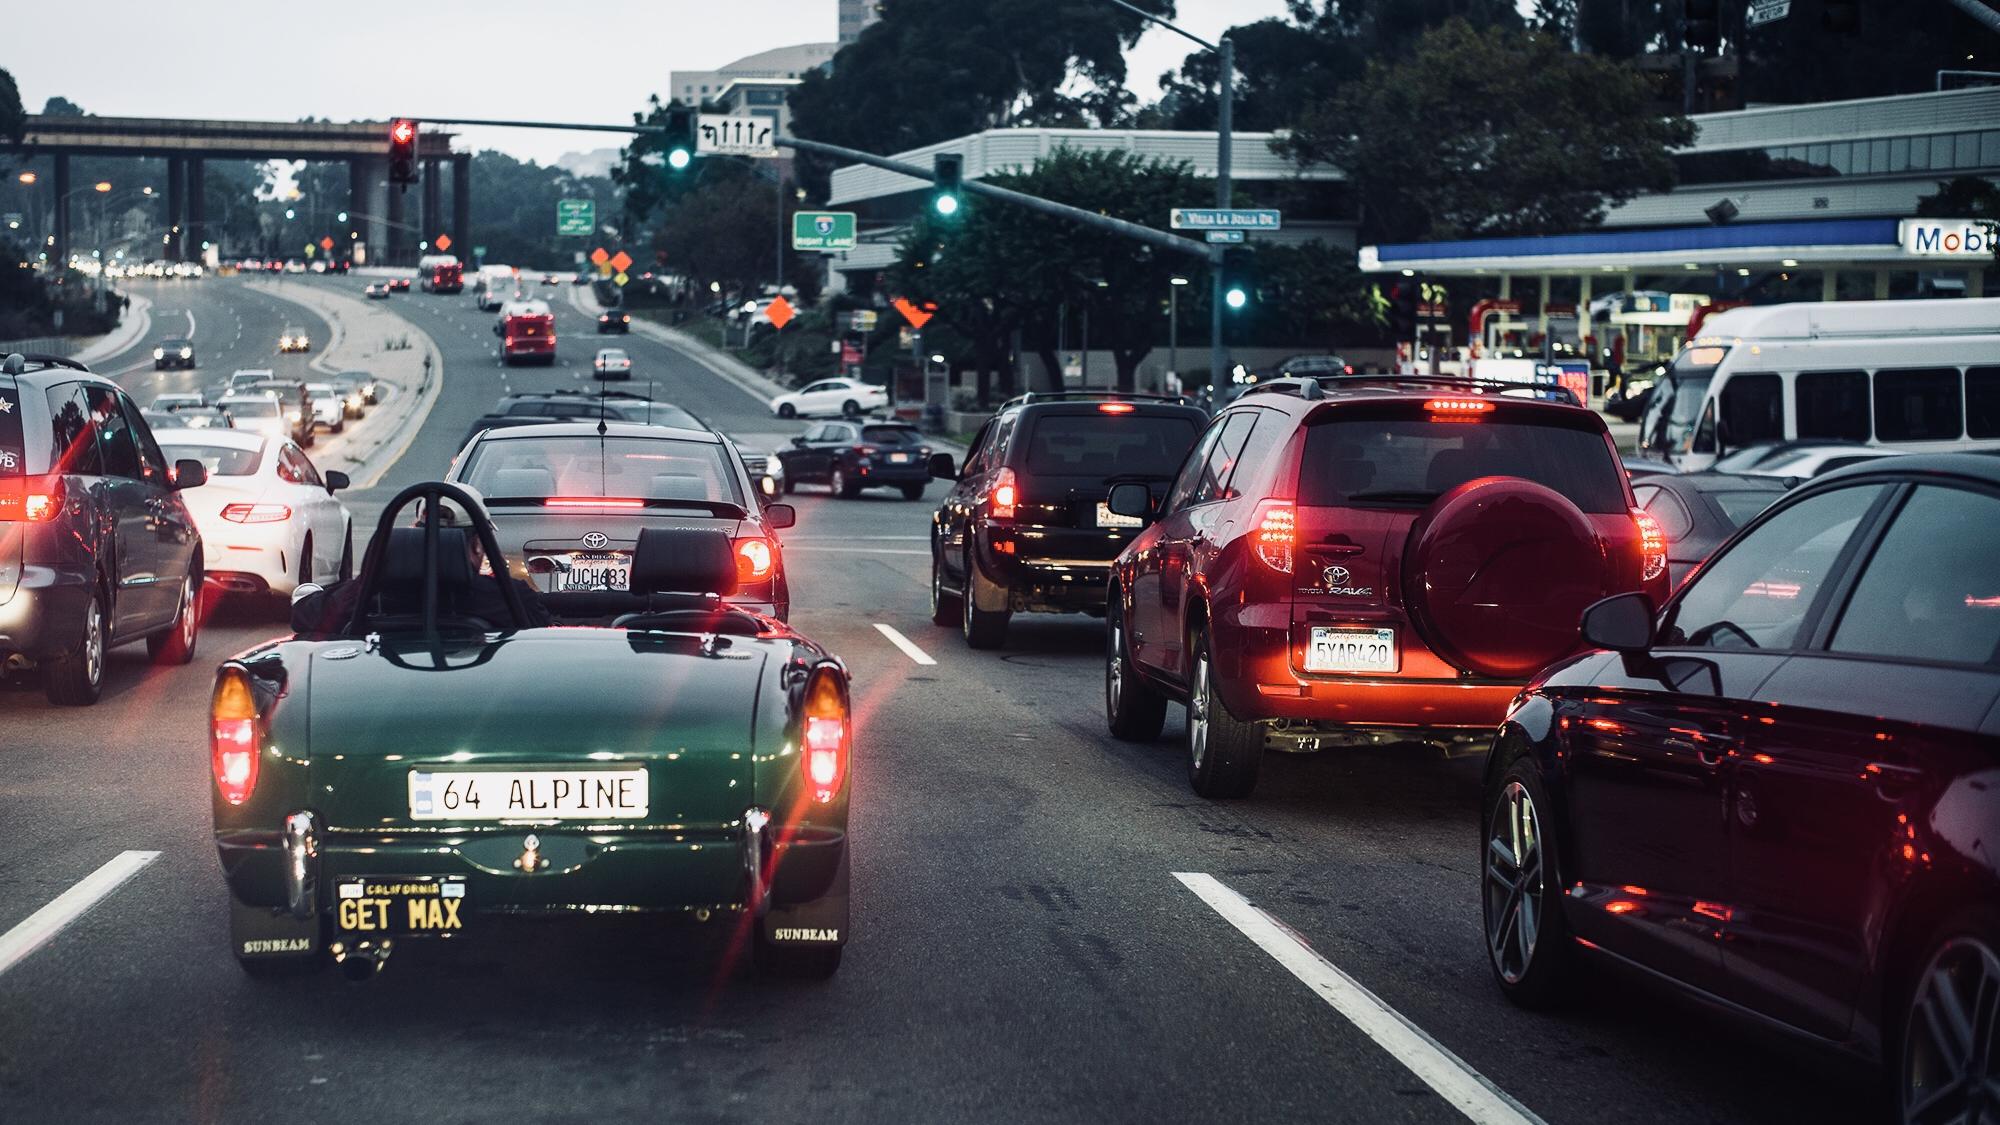 汽车Let's Go:分享一些在美国开车的注意事项